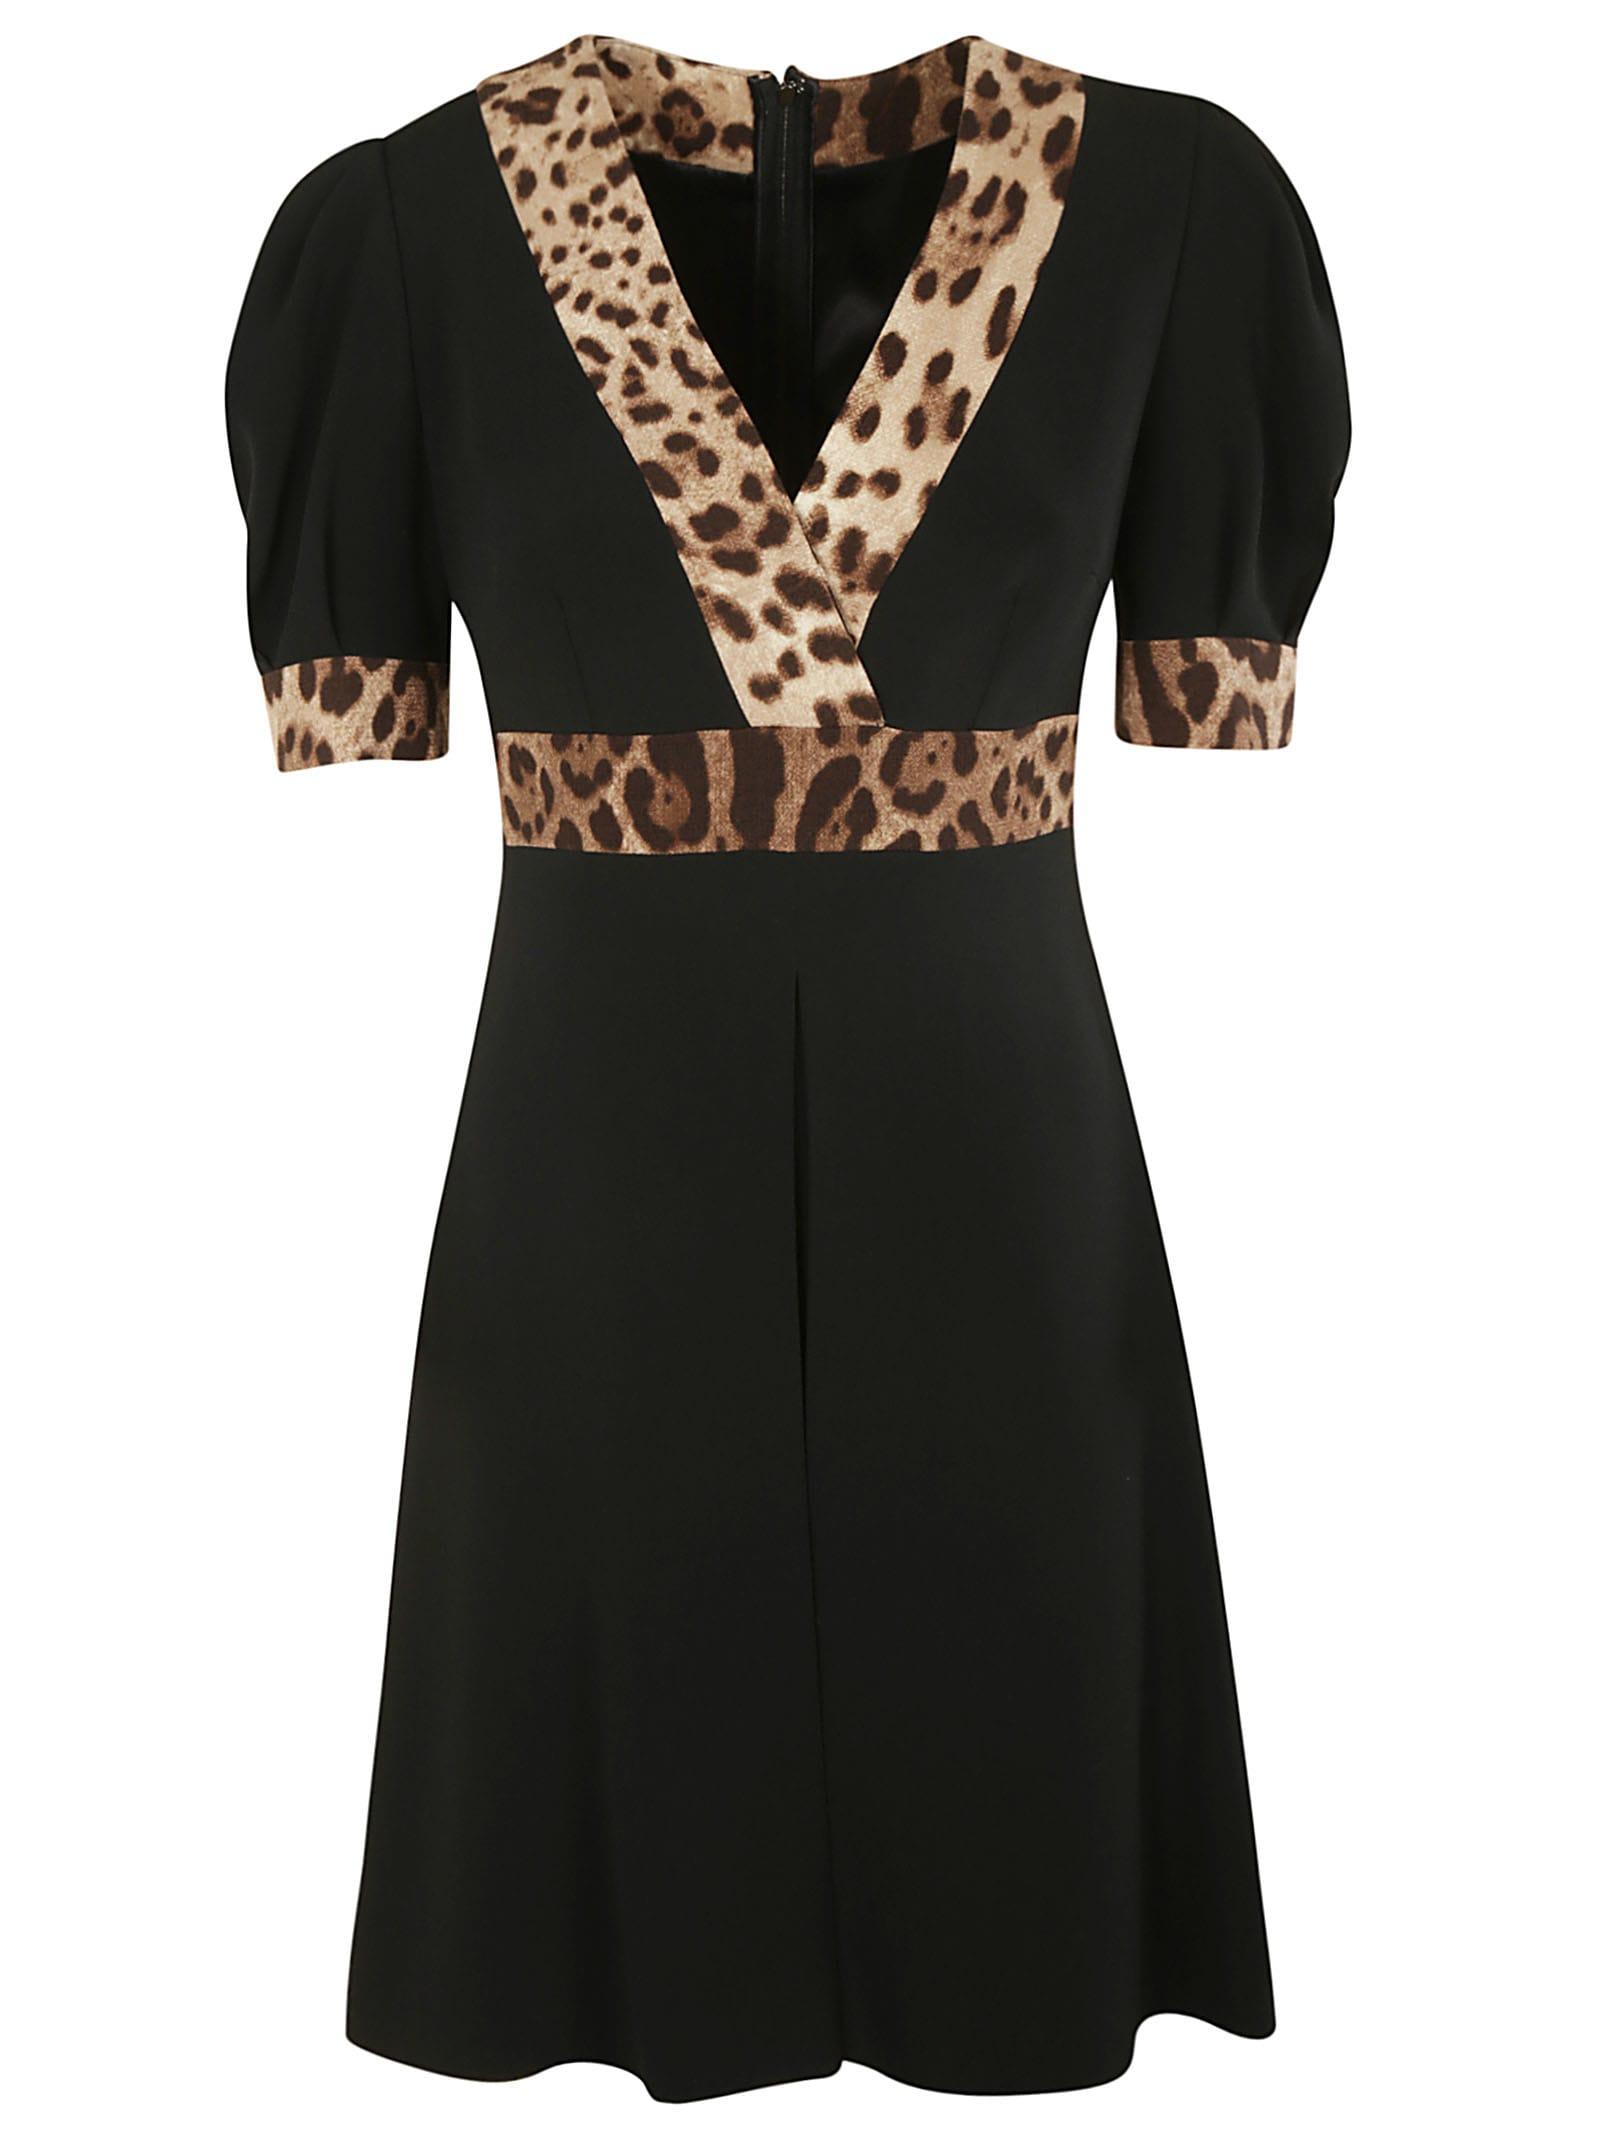 Dolce & Gabbana Leopard Print V-neck Dress